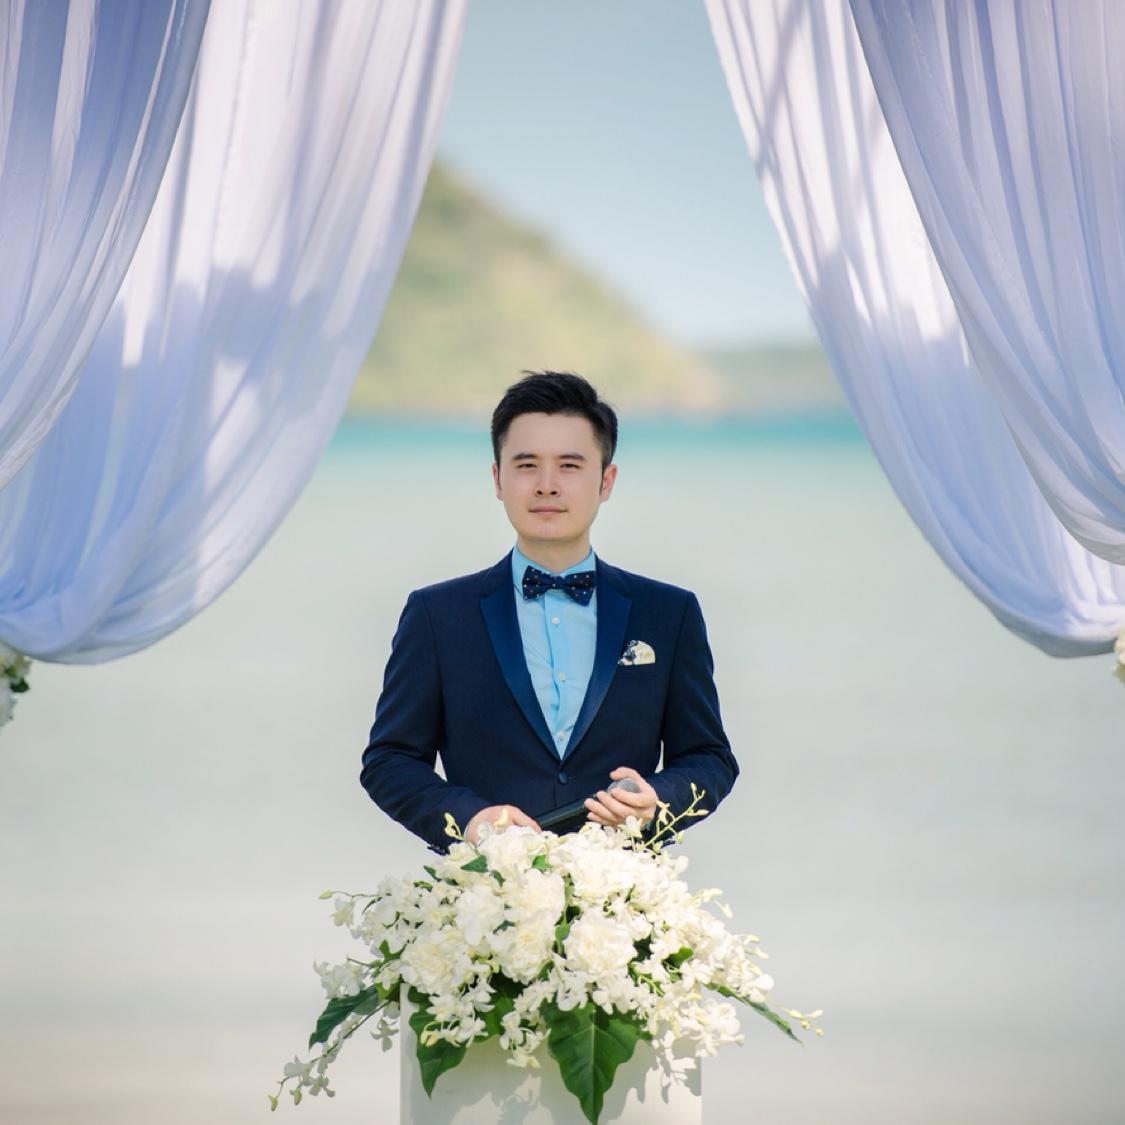 你好!我是婚礼主持人陈纯